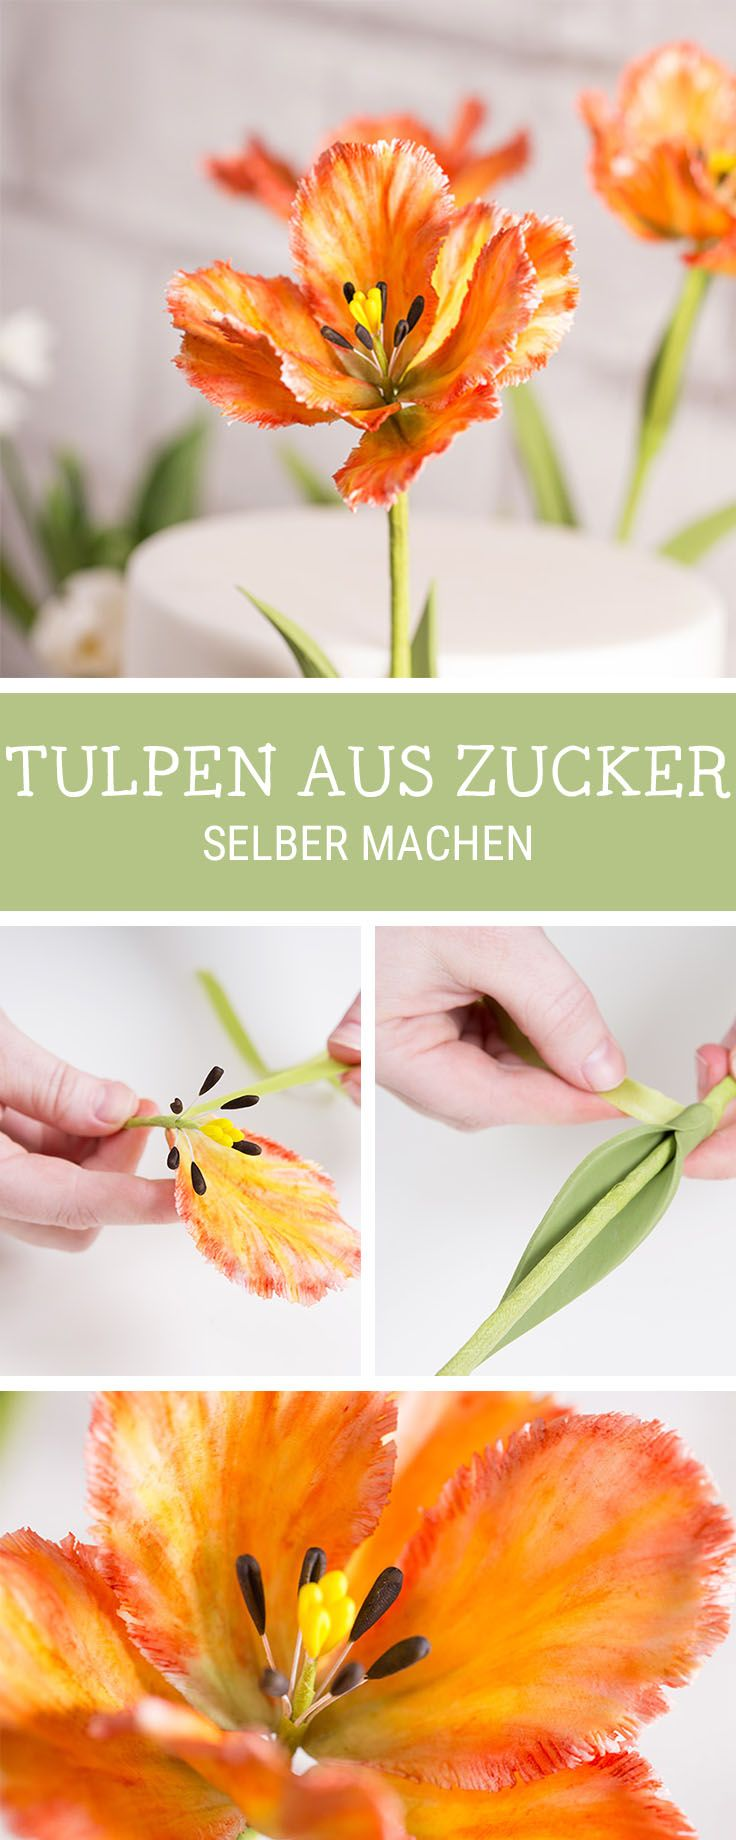 Essbare Blüten als Deko für Deine Torte: Tulpen aus Zucker selbermachen / decorate your cake with sugar tulips, edible flowers via DaWanda.com